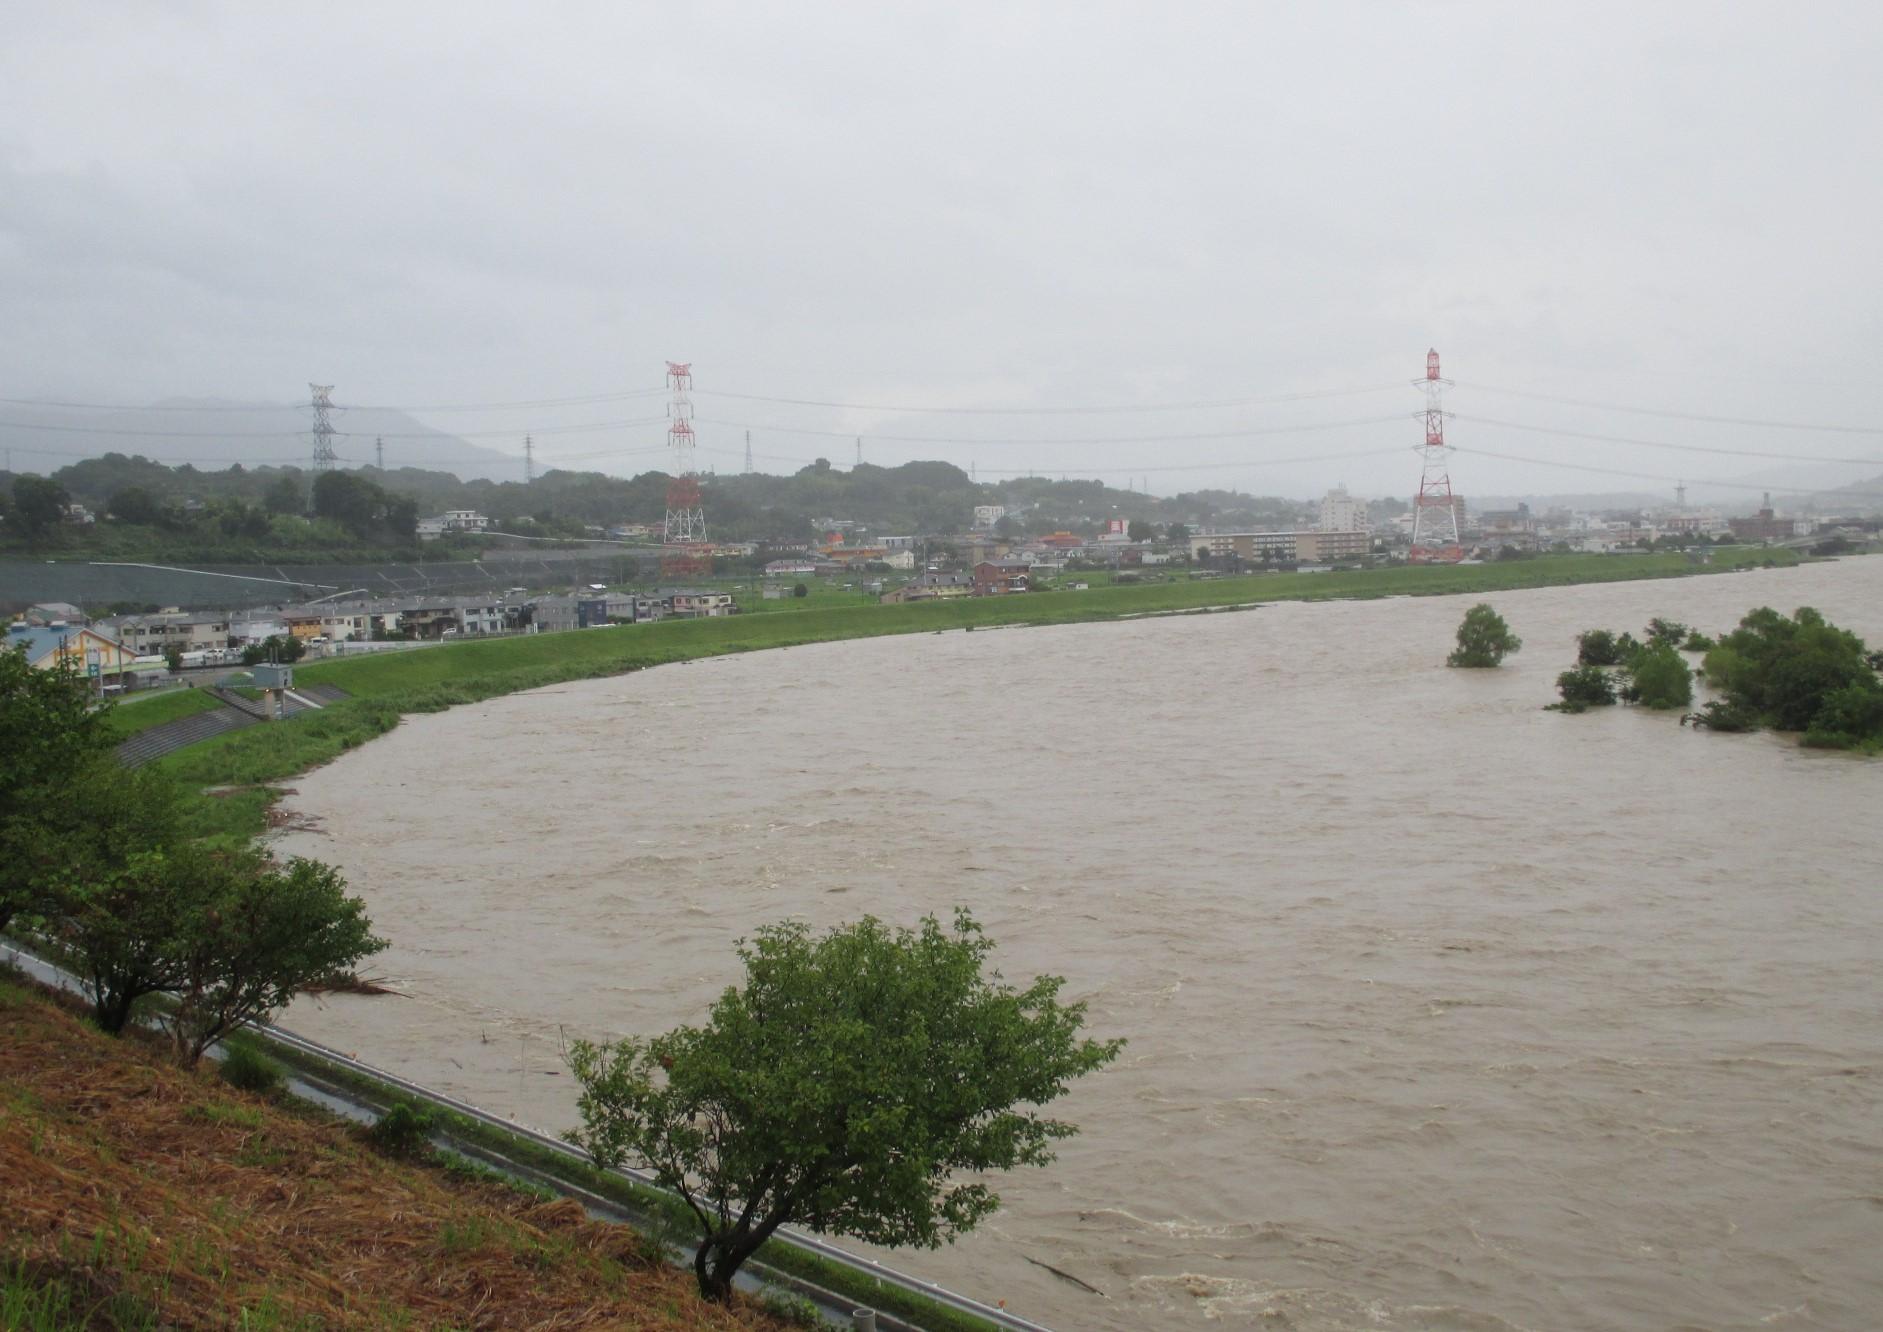 台風11号、紀の川に濁流!~避難勧告や通行止めも | 高野山麓 橋本新聞